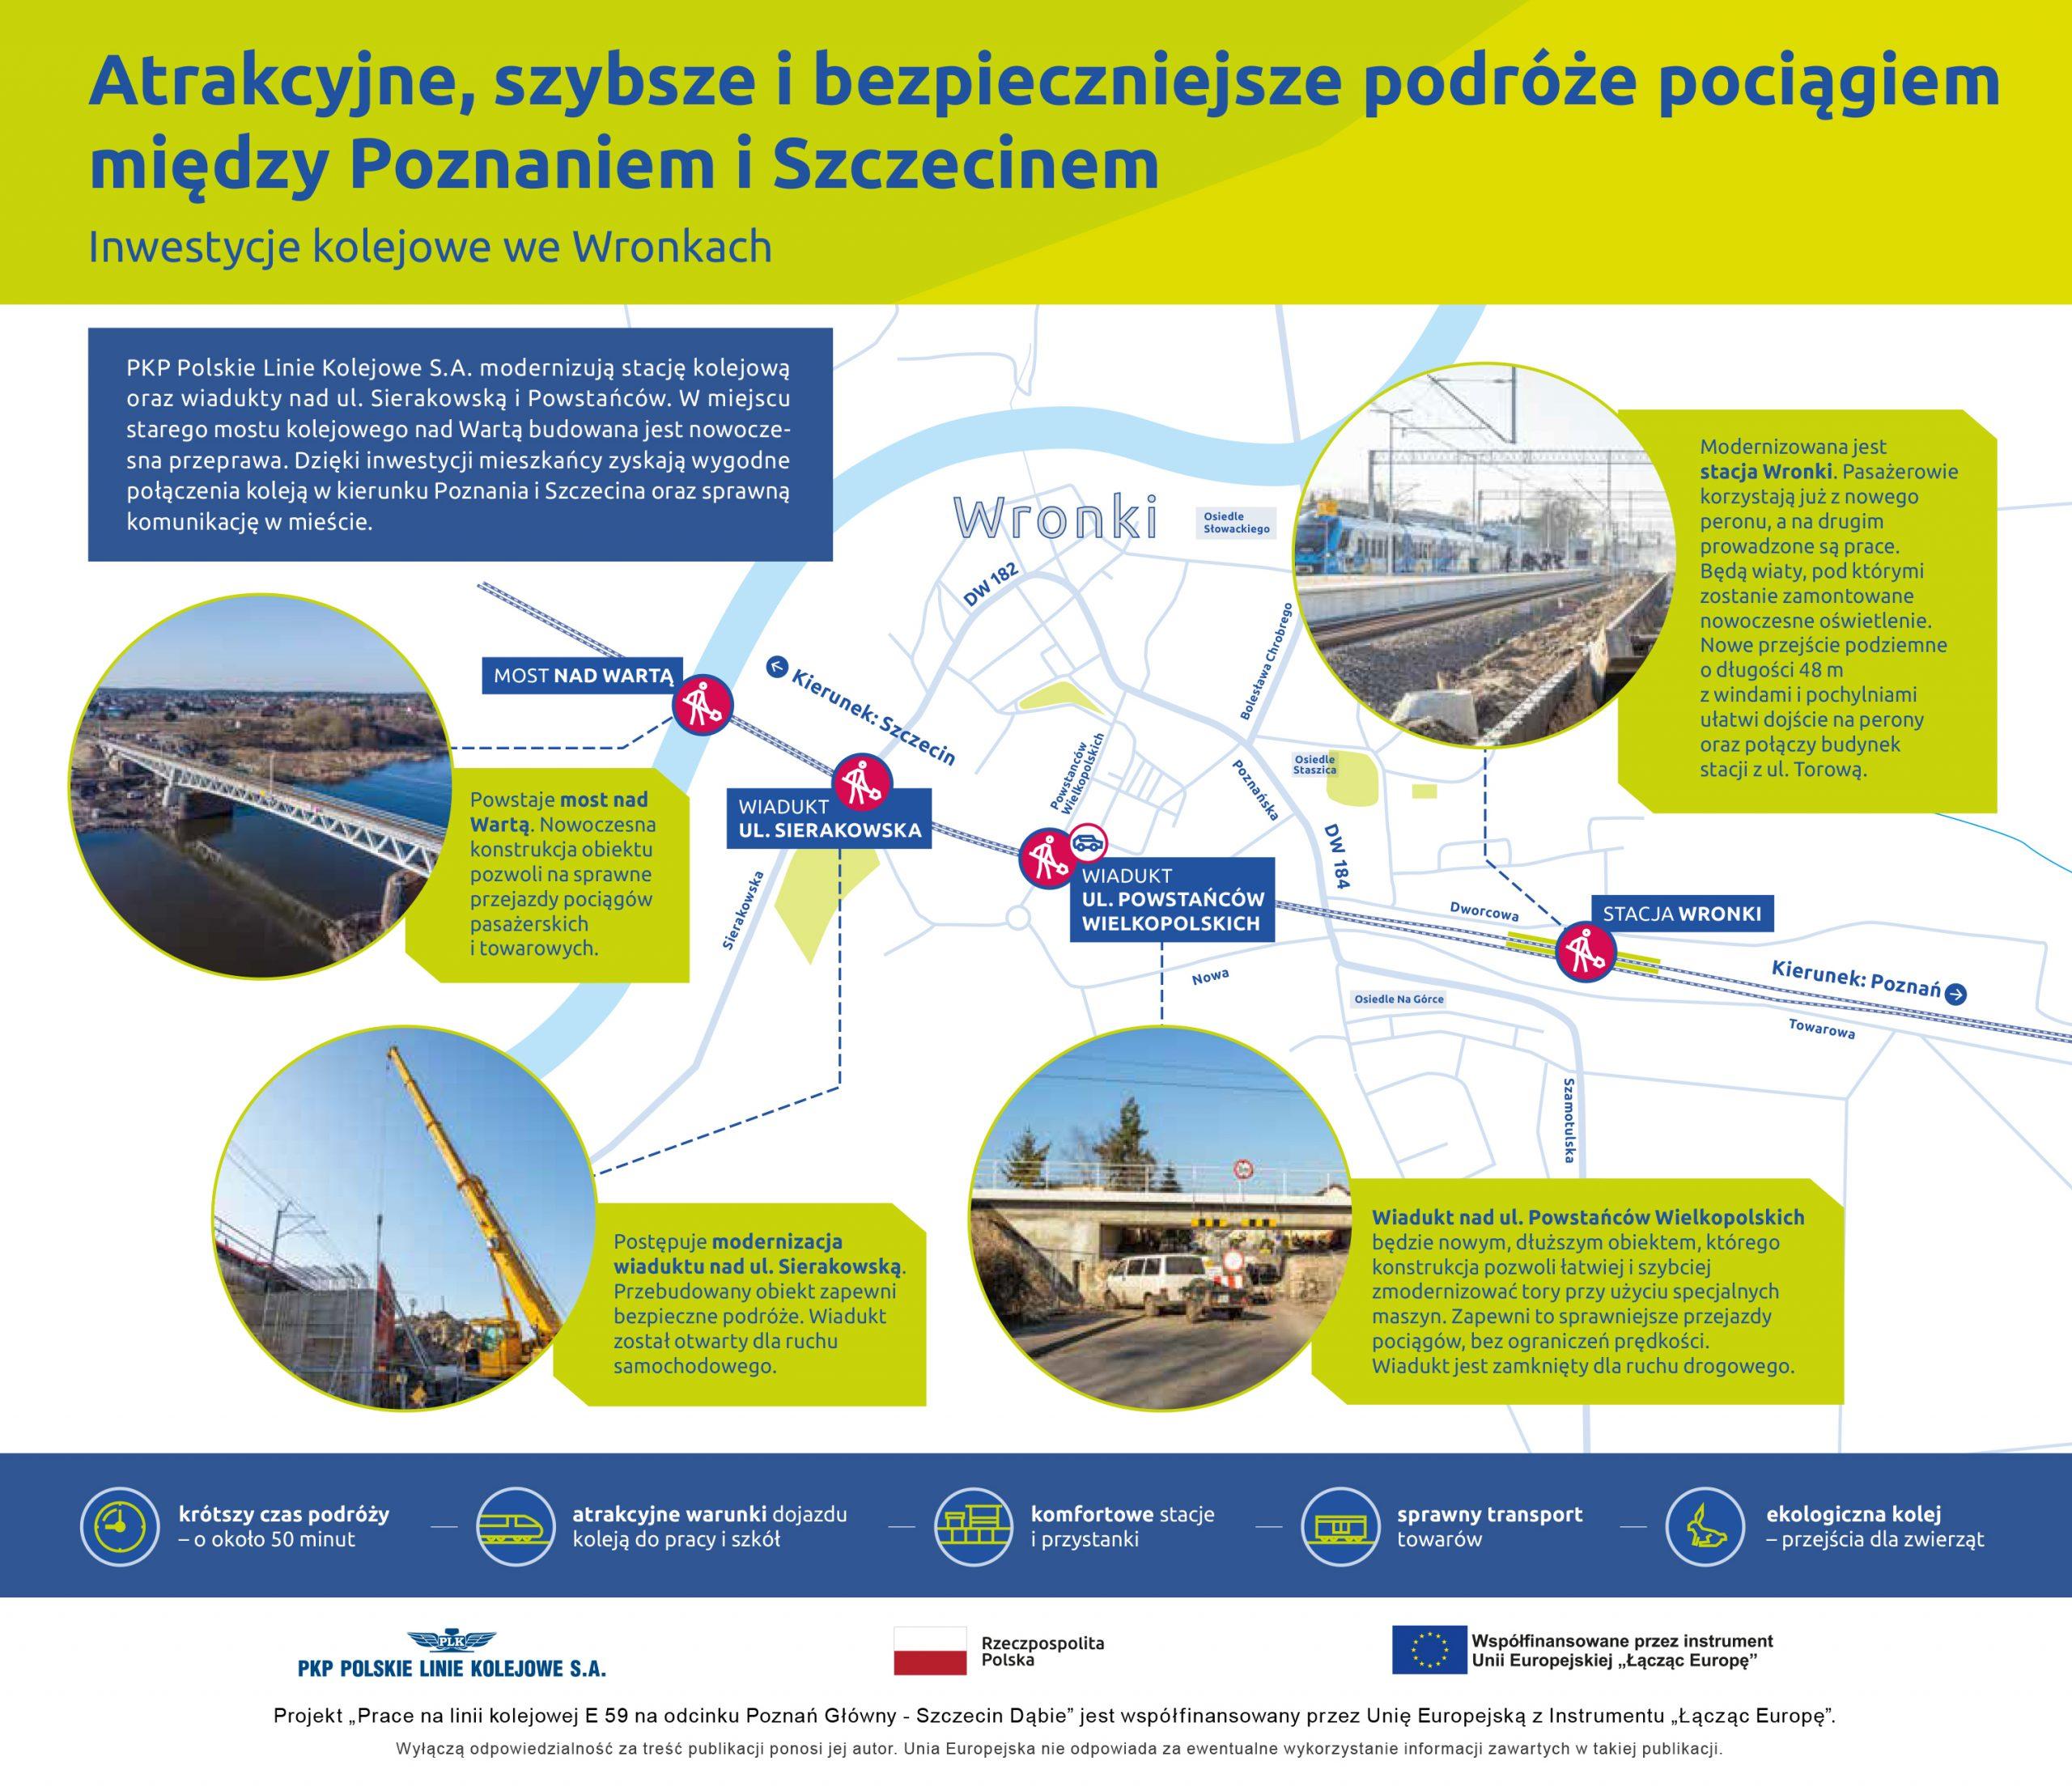 Infografika przedstawia aktualne zdjęcia i opisy dotyczące stacji i obiektów we Wronkach takich jak: wiadukty nad ulicą Sierakowską i Wielkopolską oraz most nad Wartą.